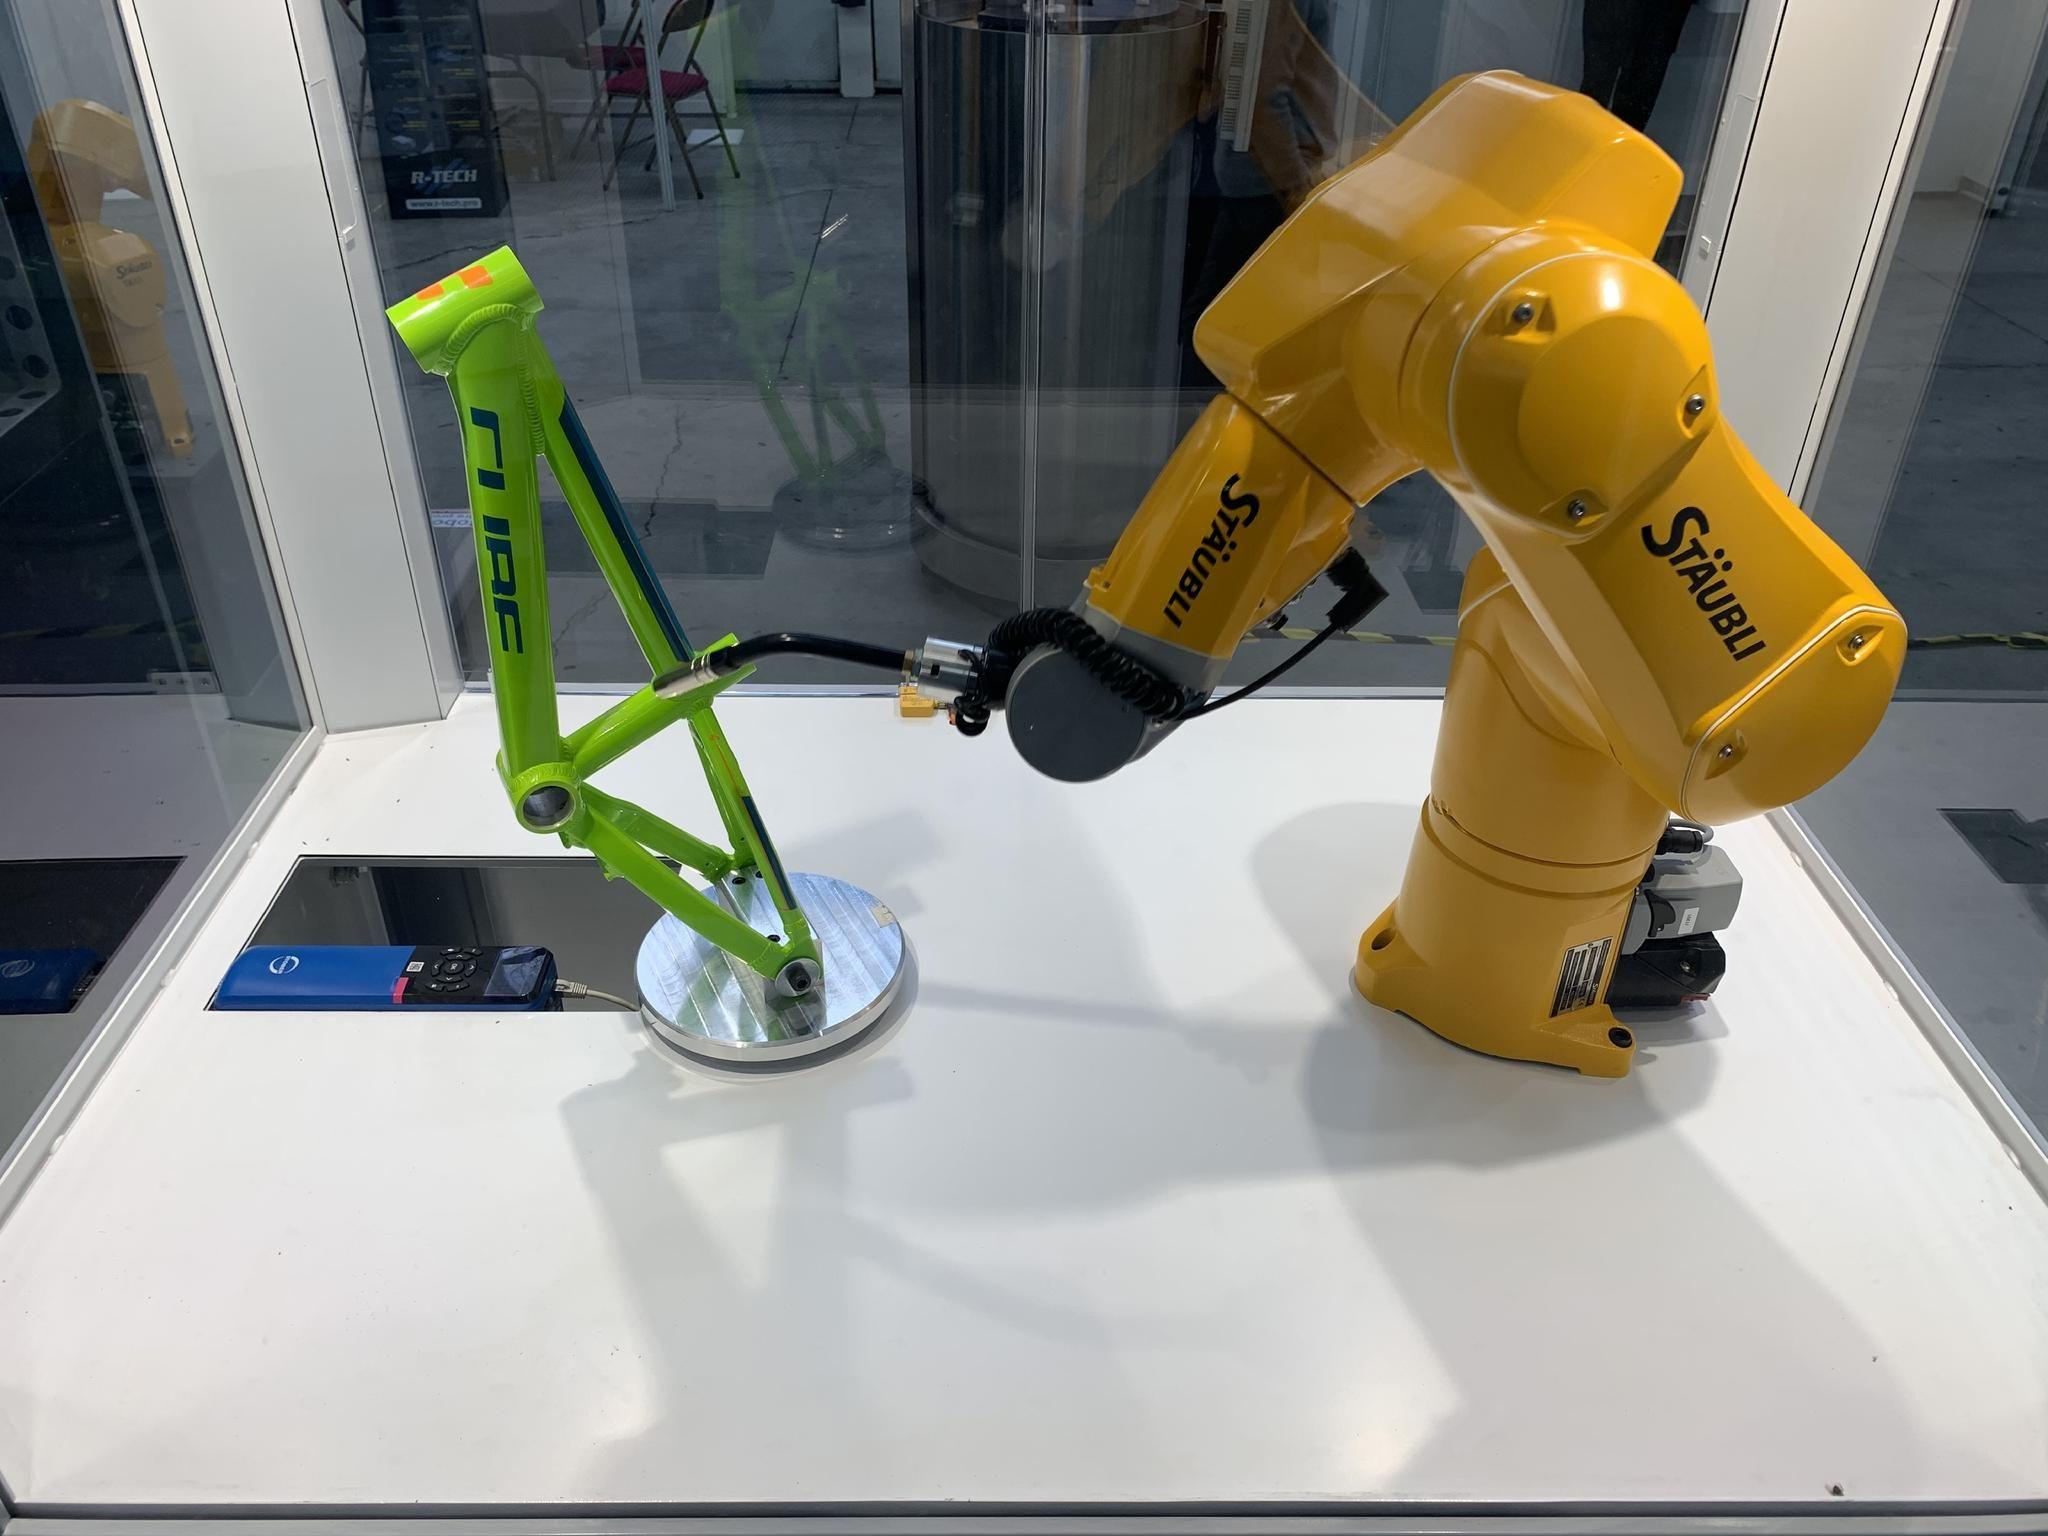 Stäubli Specifies STOBER Axes To Expand Robot Range